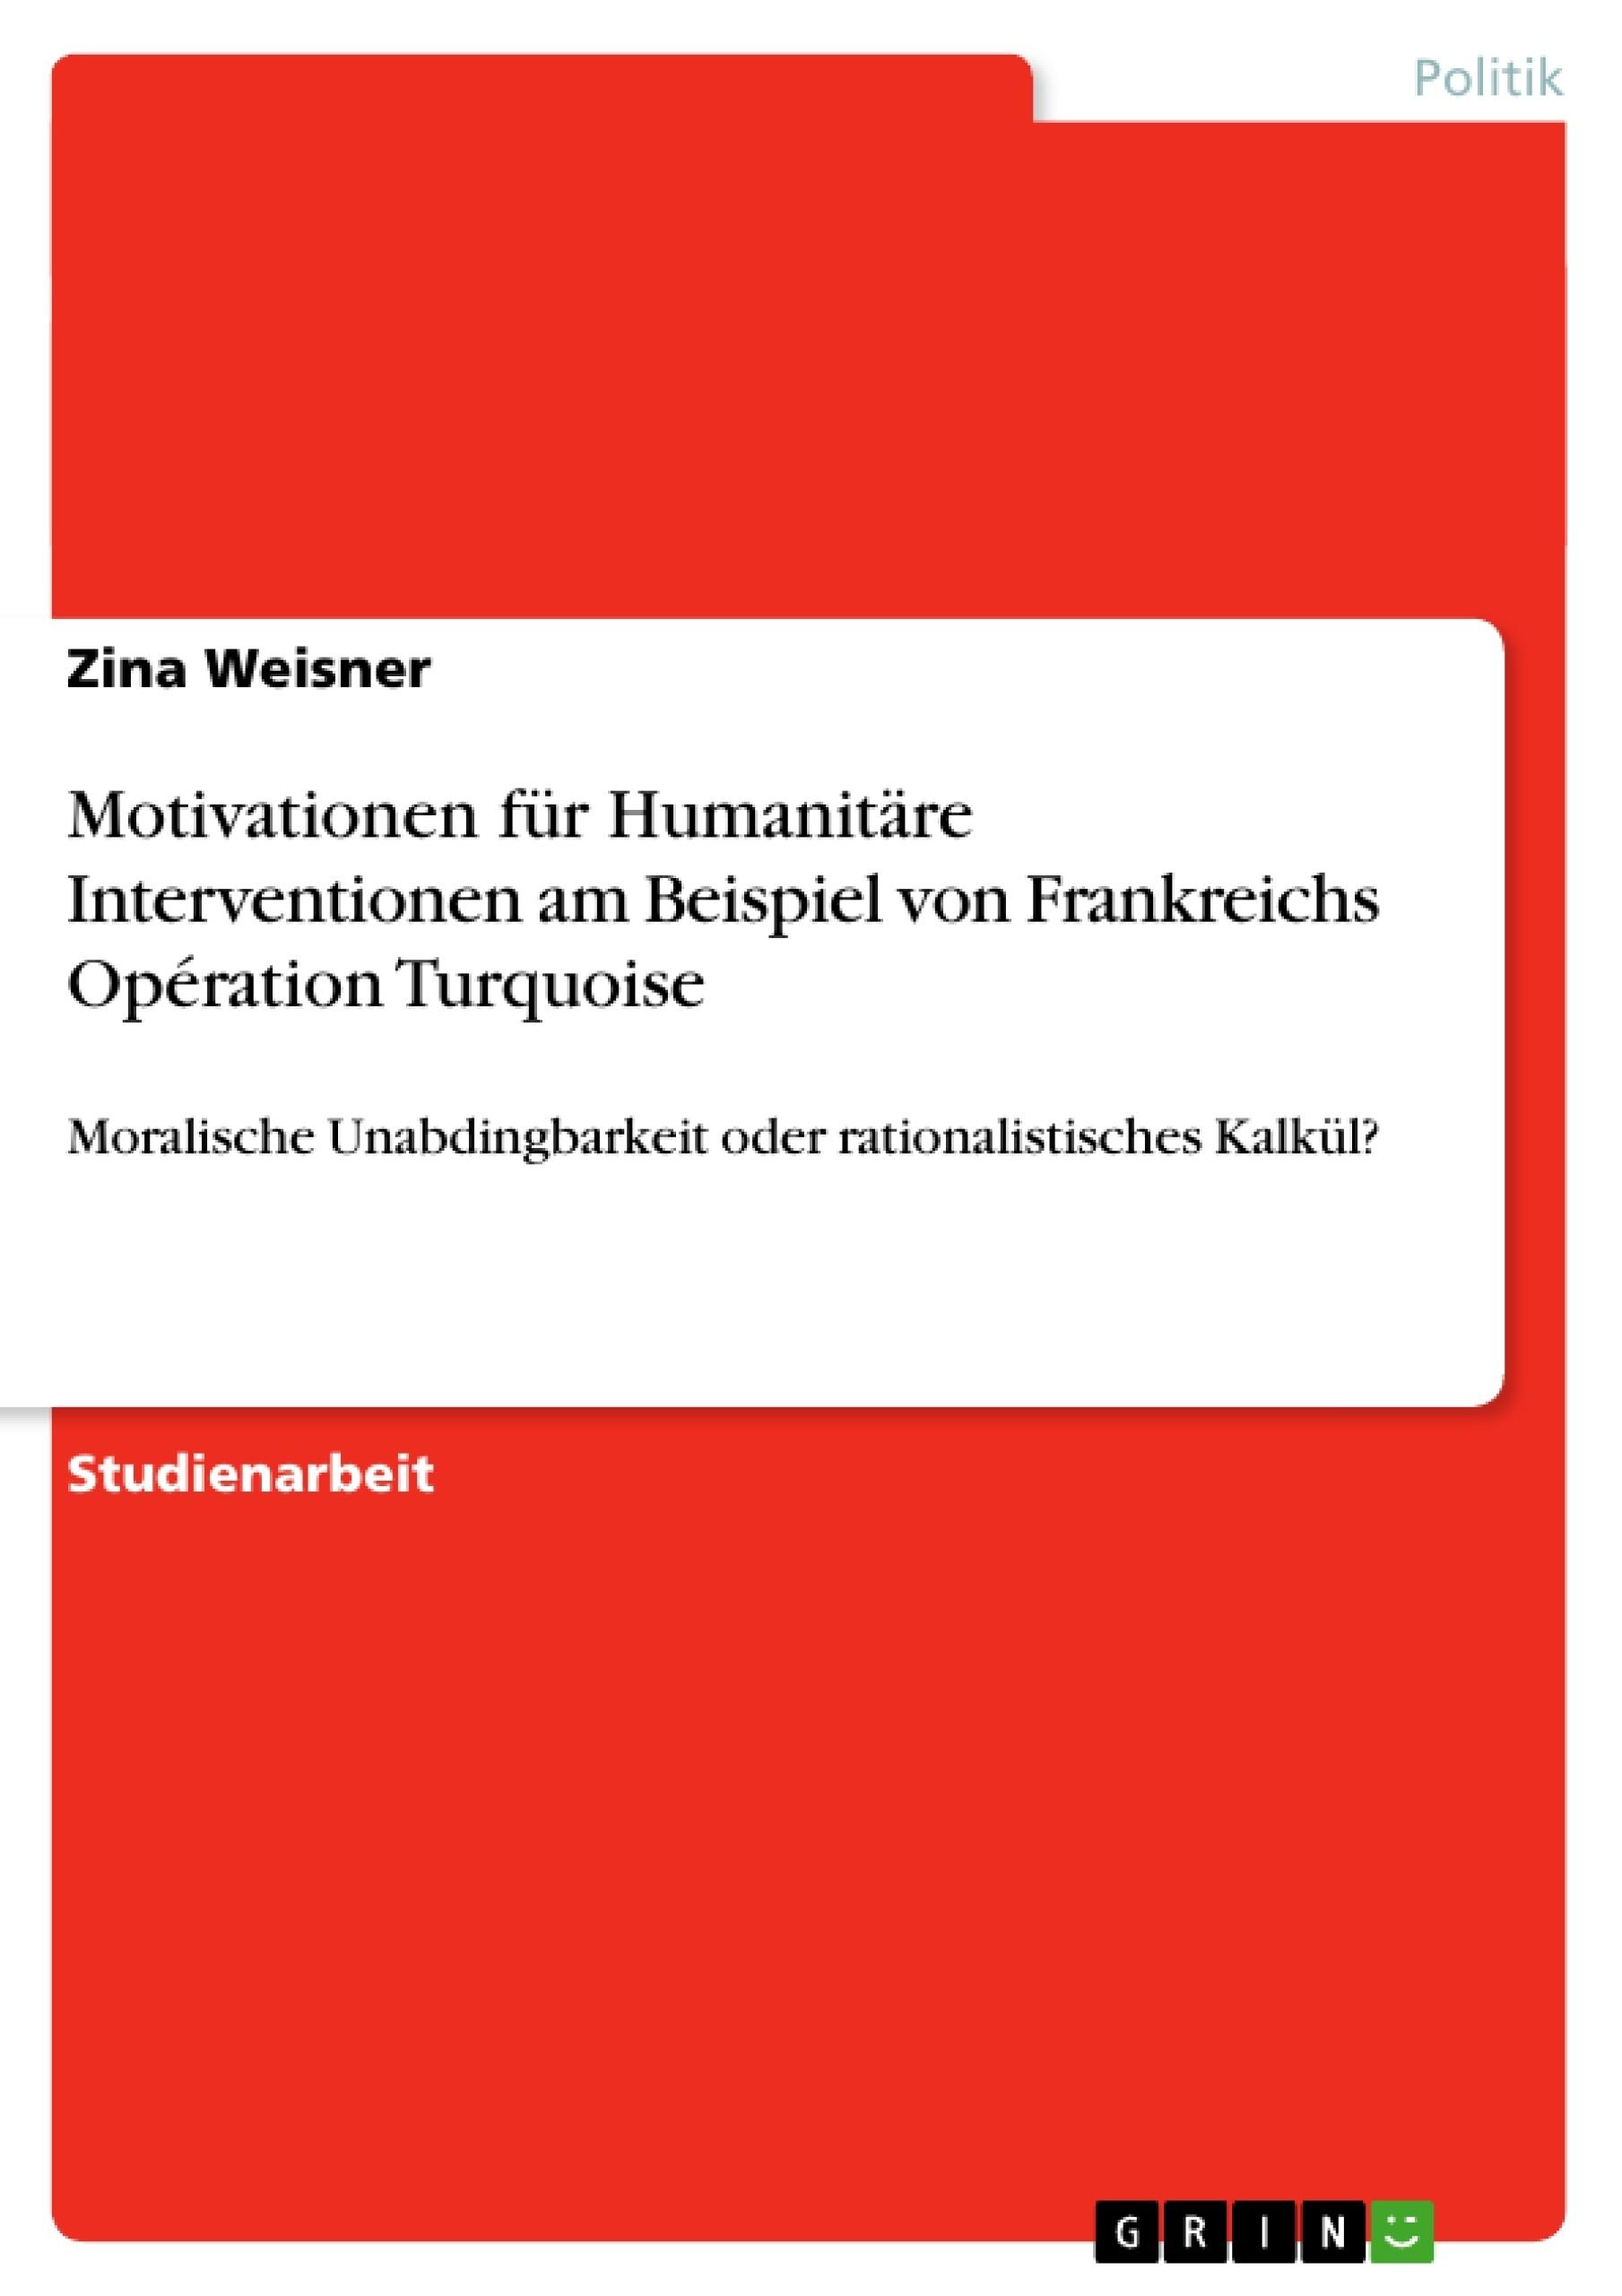 Titel: Motivationen für Humanitäre Interventionen am Beispiel von Frankreichs Opération Turquoise